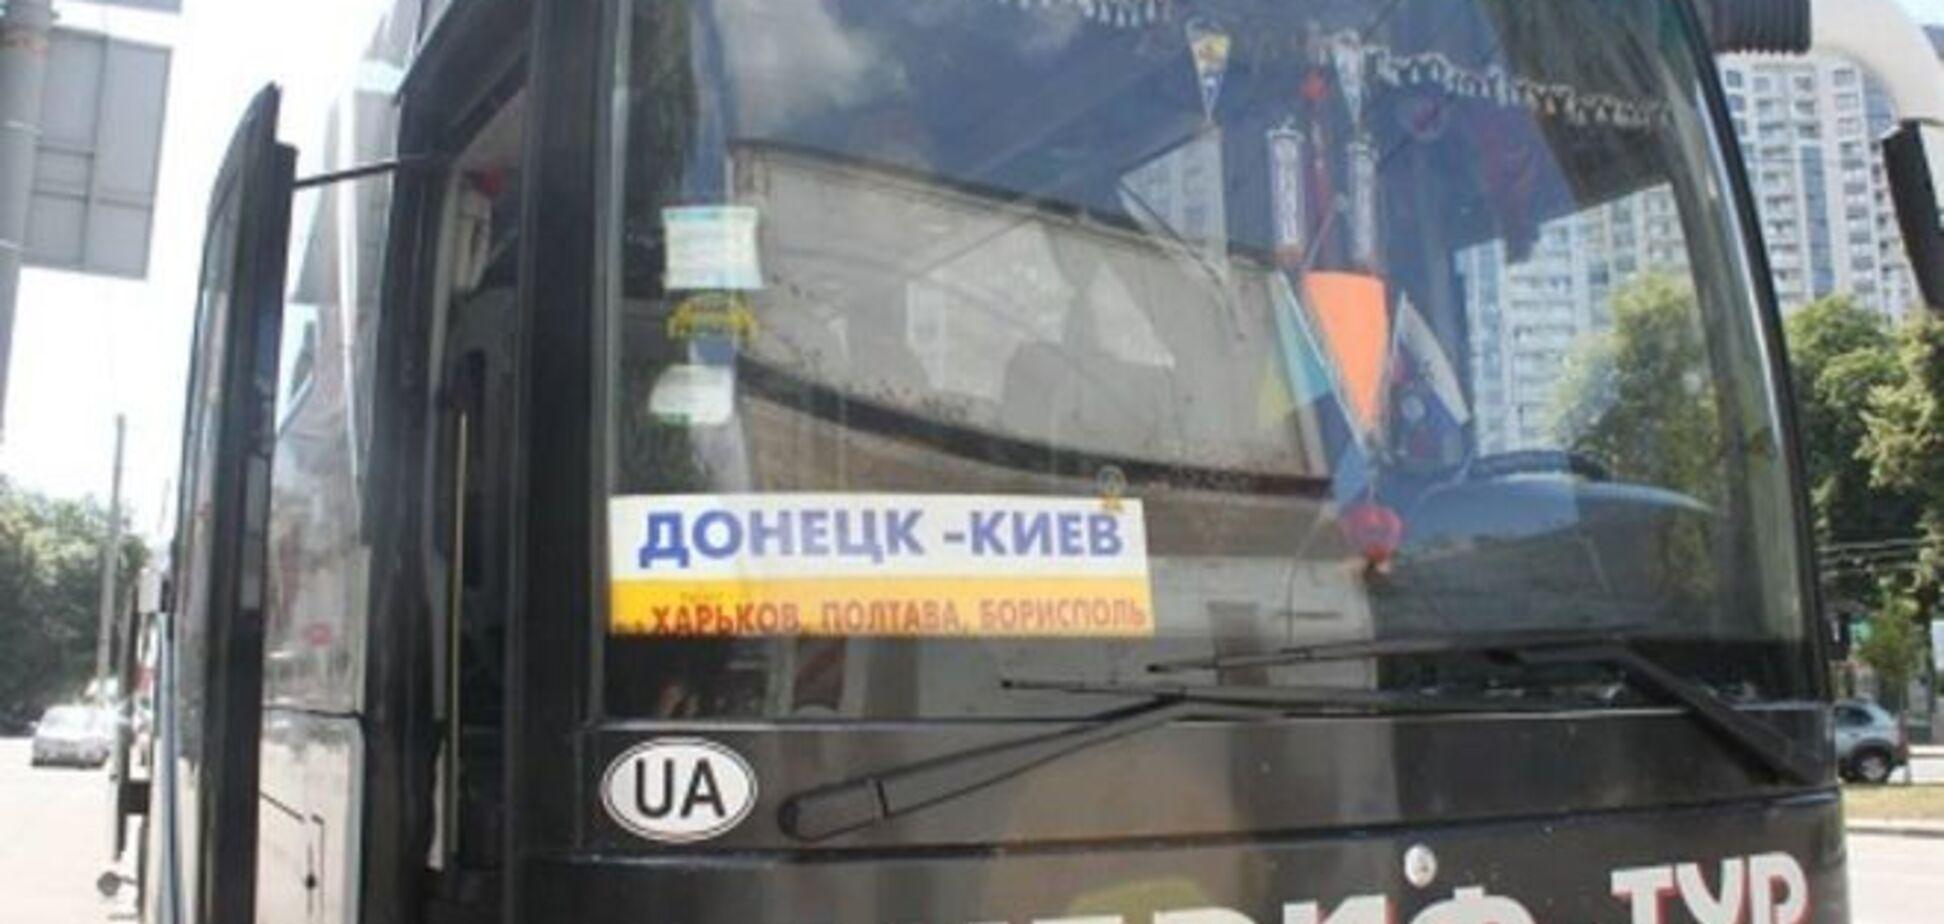 Замначальника милиции Донетчины мечтает расстреливать автобусы Донецк-Киев